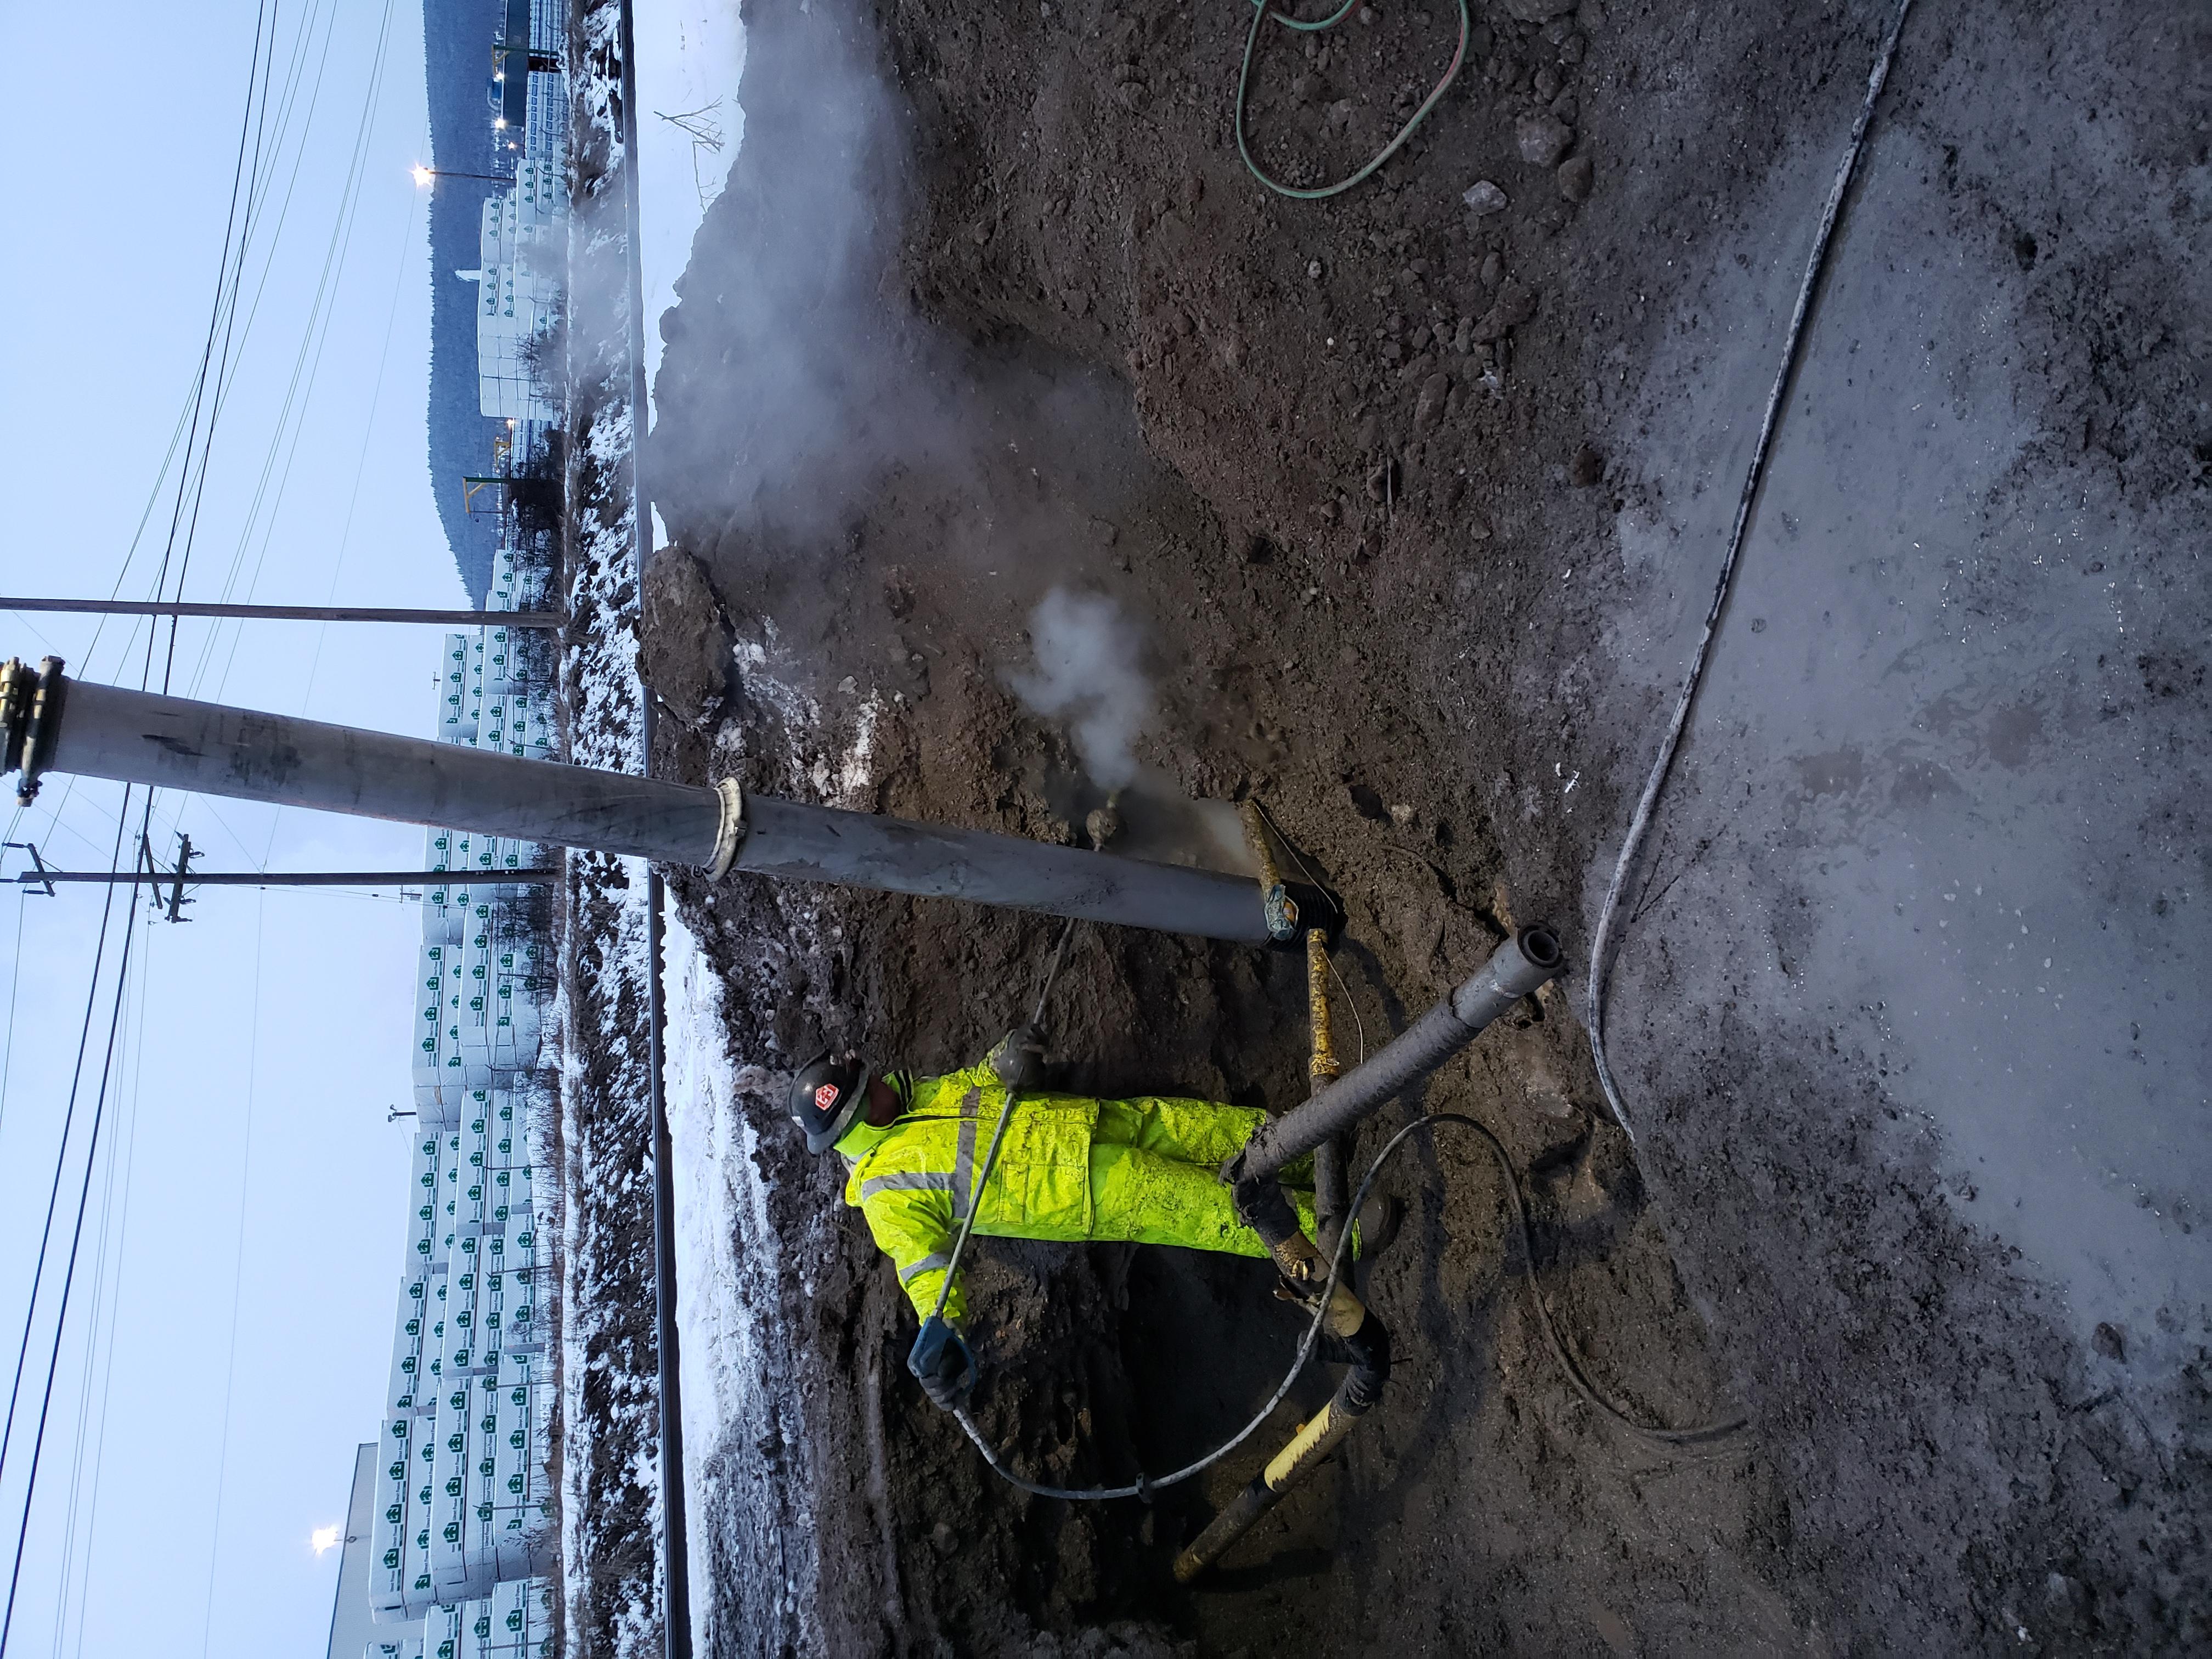 Frozen HydroVac Excavation Williams